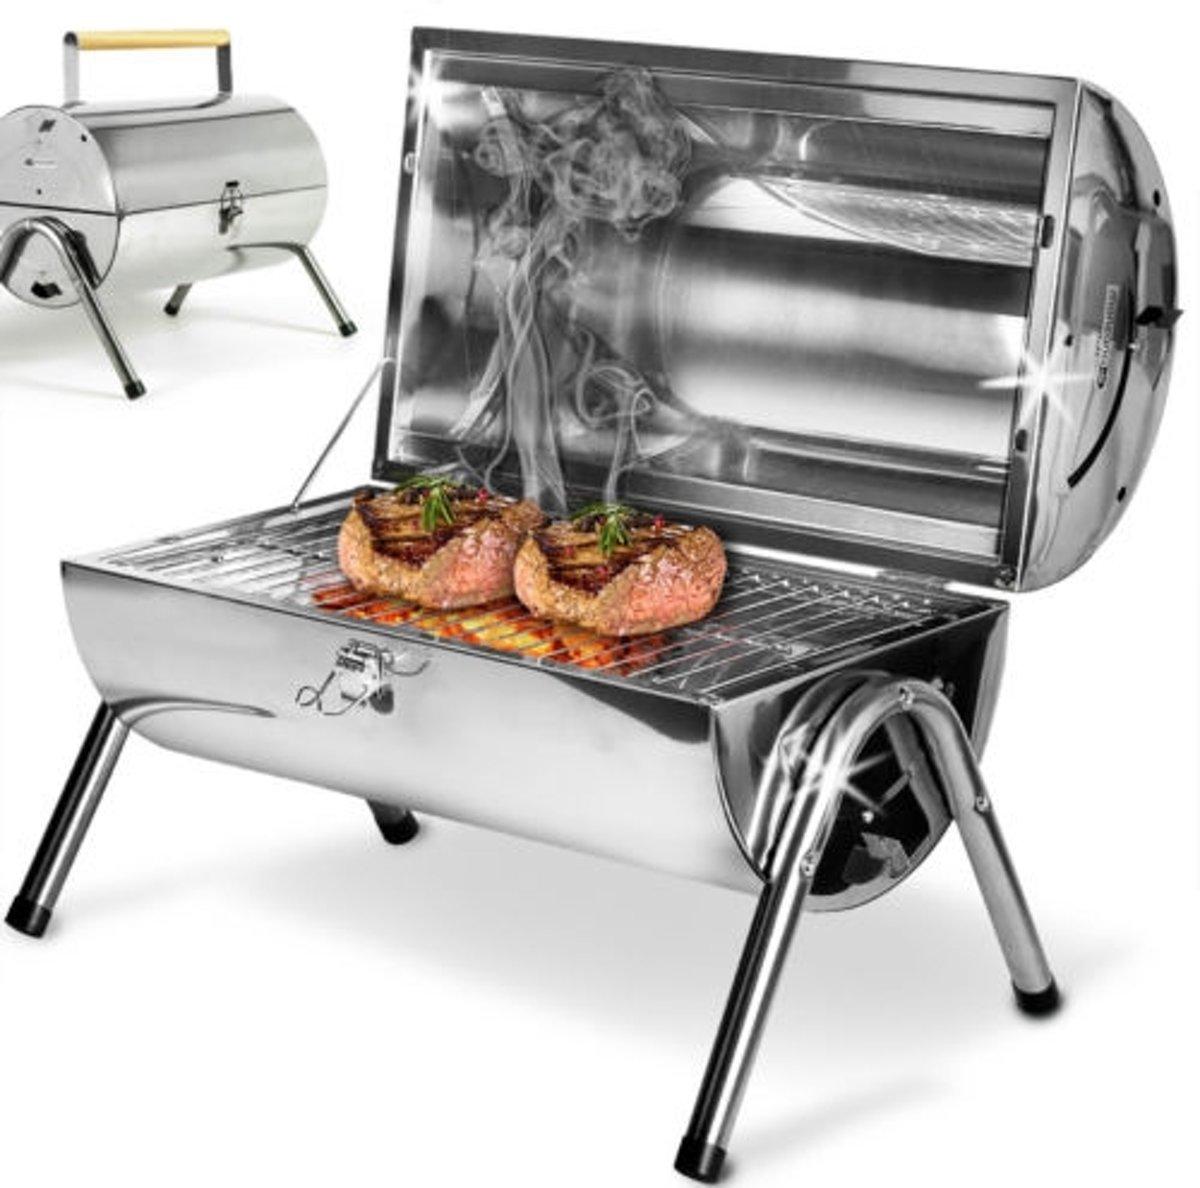 Tafel barbecue grill inox - met dubbel grill vlak - 38x52cm kopen